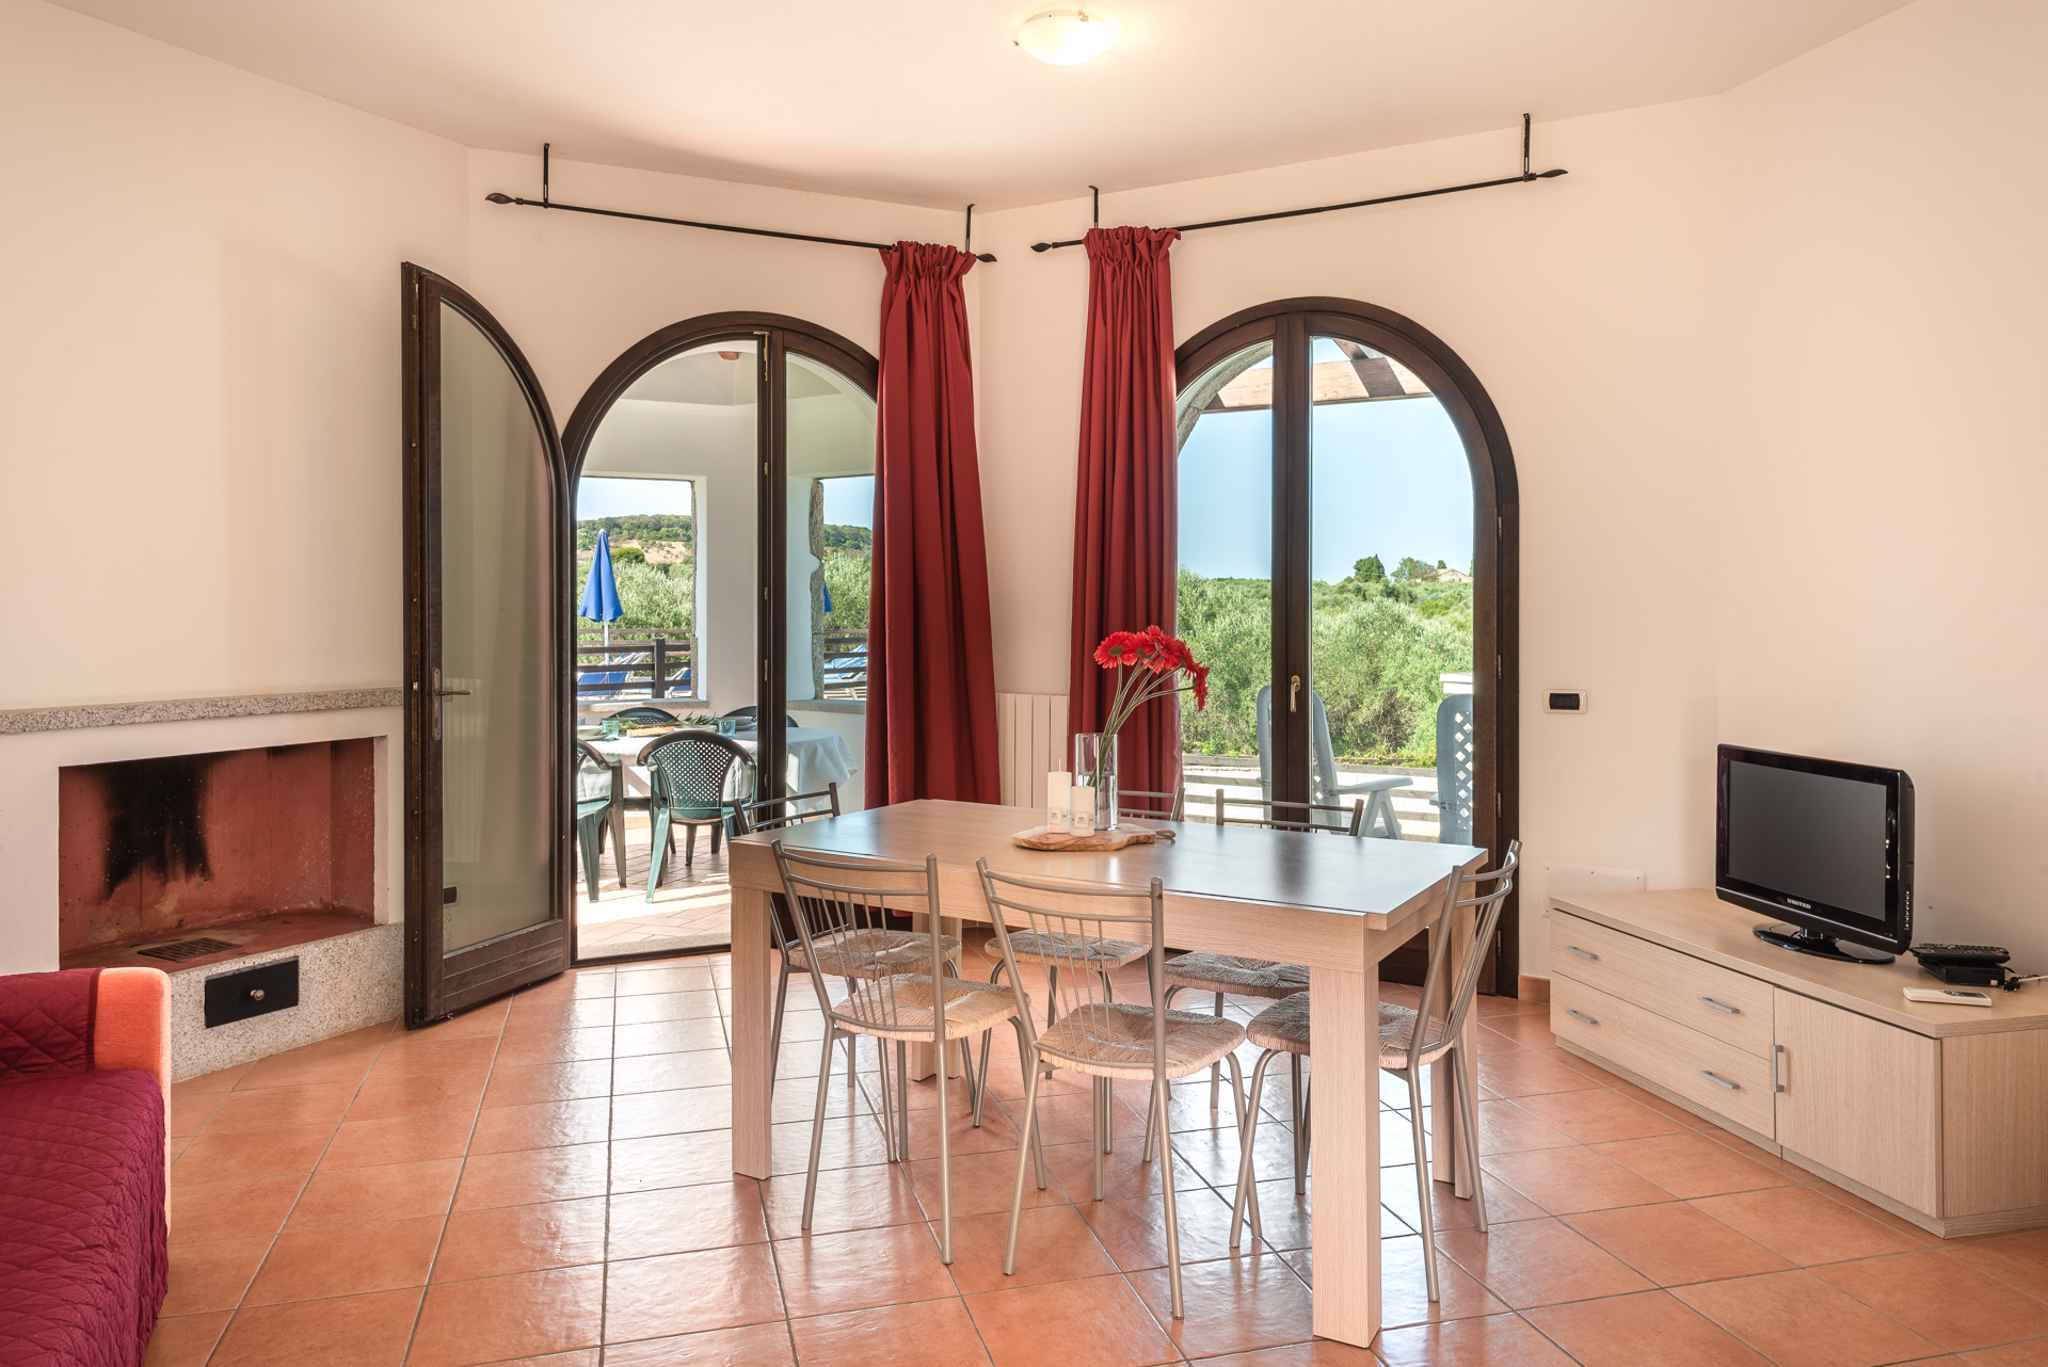 Ferienhaus mit KLimaanlage (2182426), Alghero, Sassari, Sardinien, Italien, Bild 15